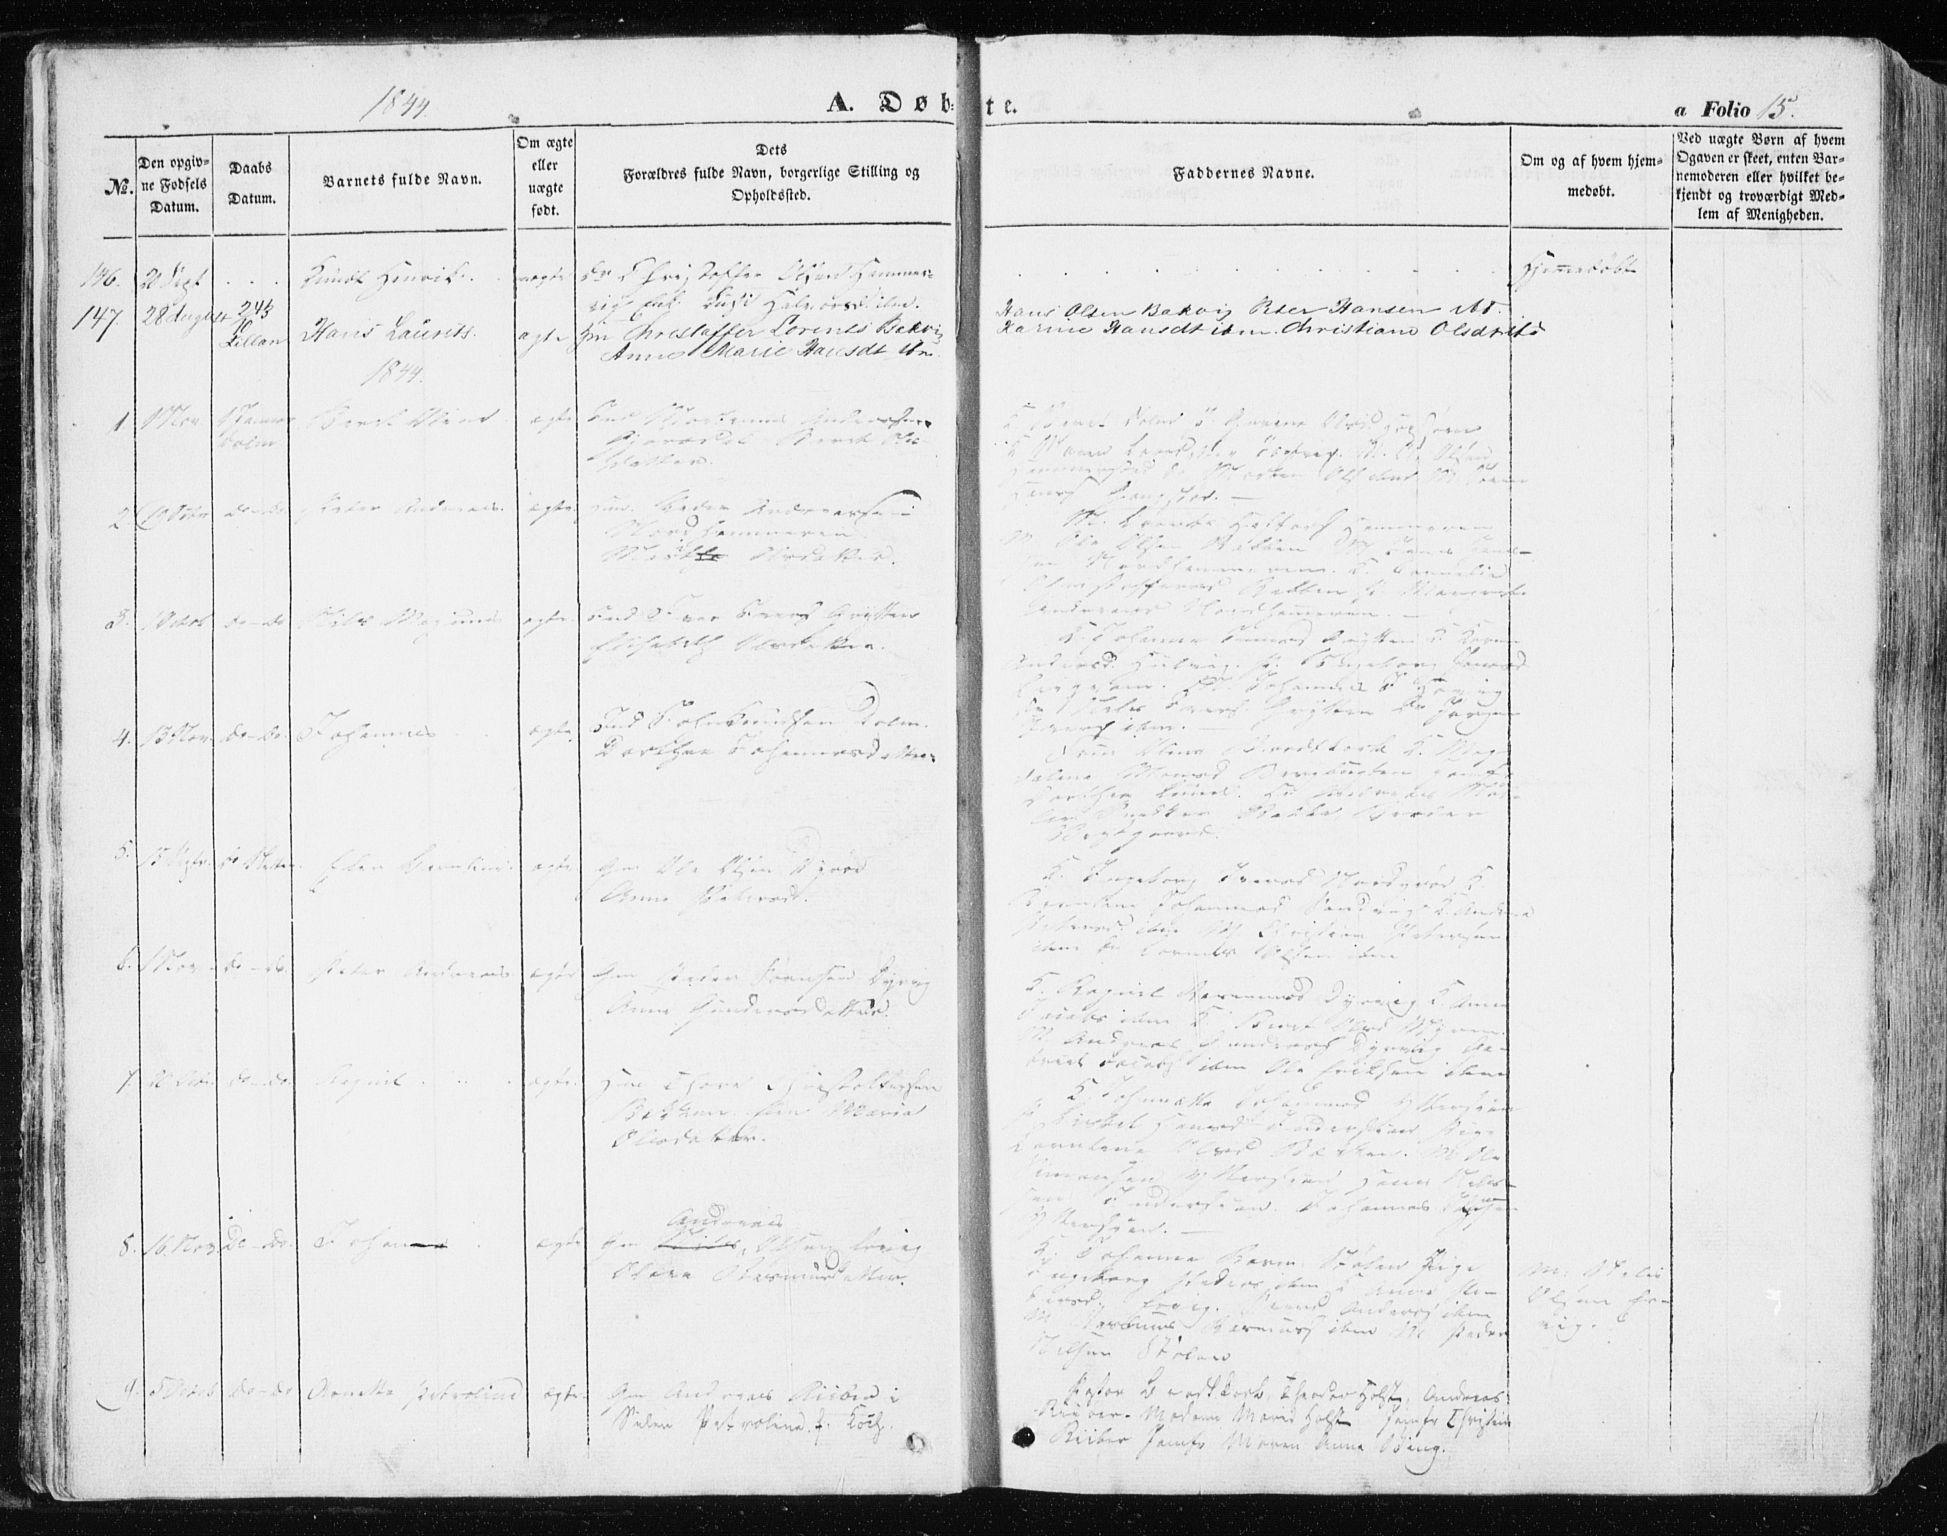 SAT, Ministerialprotokoller, klokkerbøker og fødselsregistre - Sør-Trøndelag, 634/L0529: Ministerialbok nr. 634A05, 1843-1851, s. 15